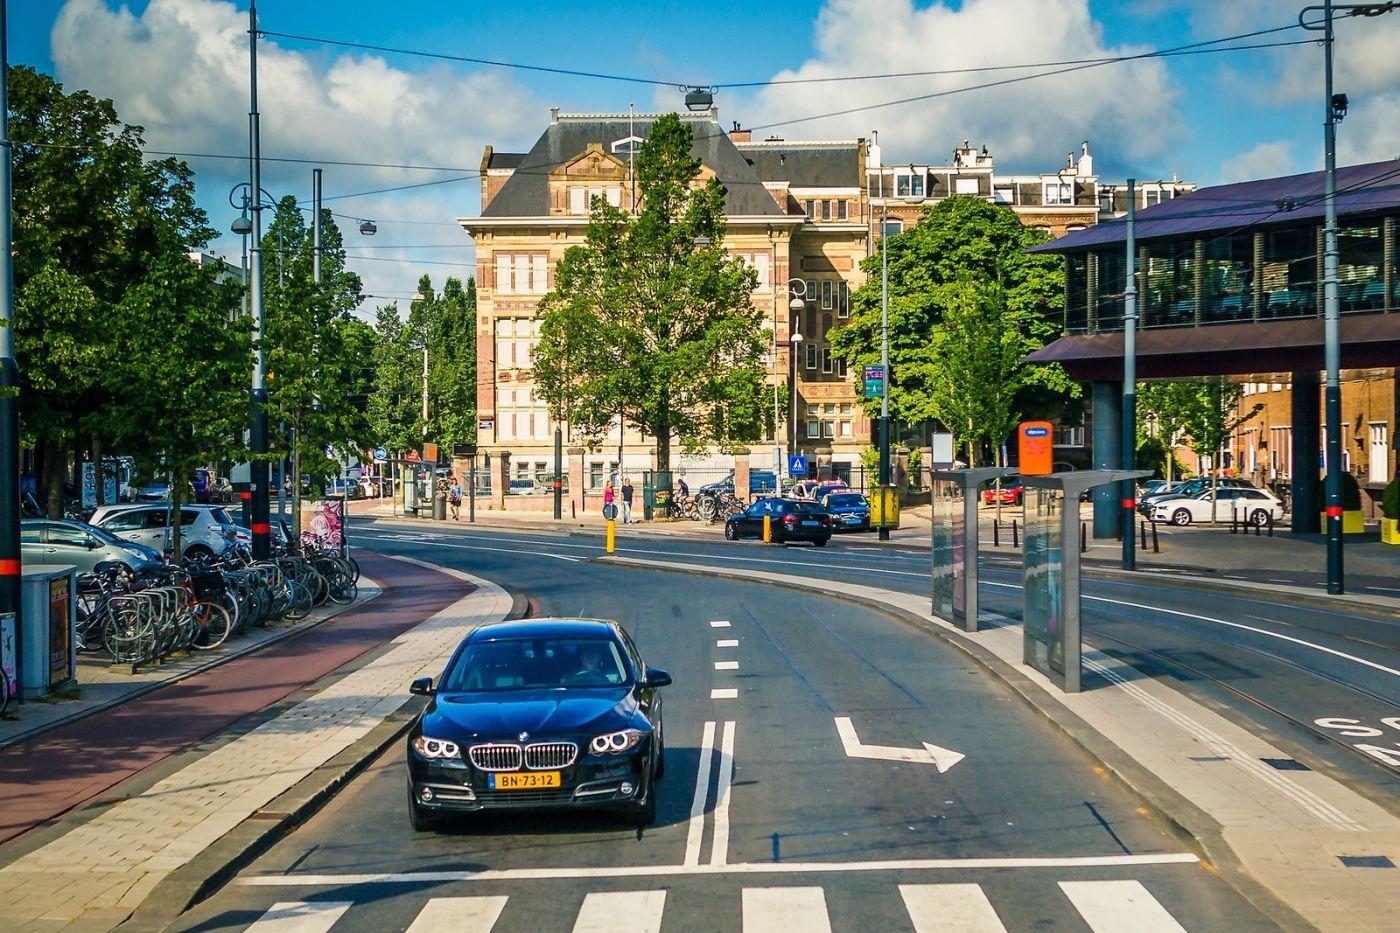 荷兰阿姆斯特丹,穿梭的自行车_图1-13